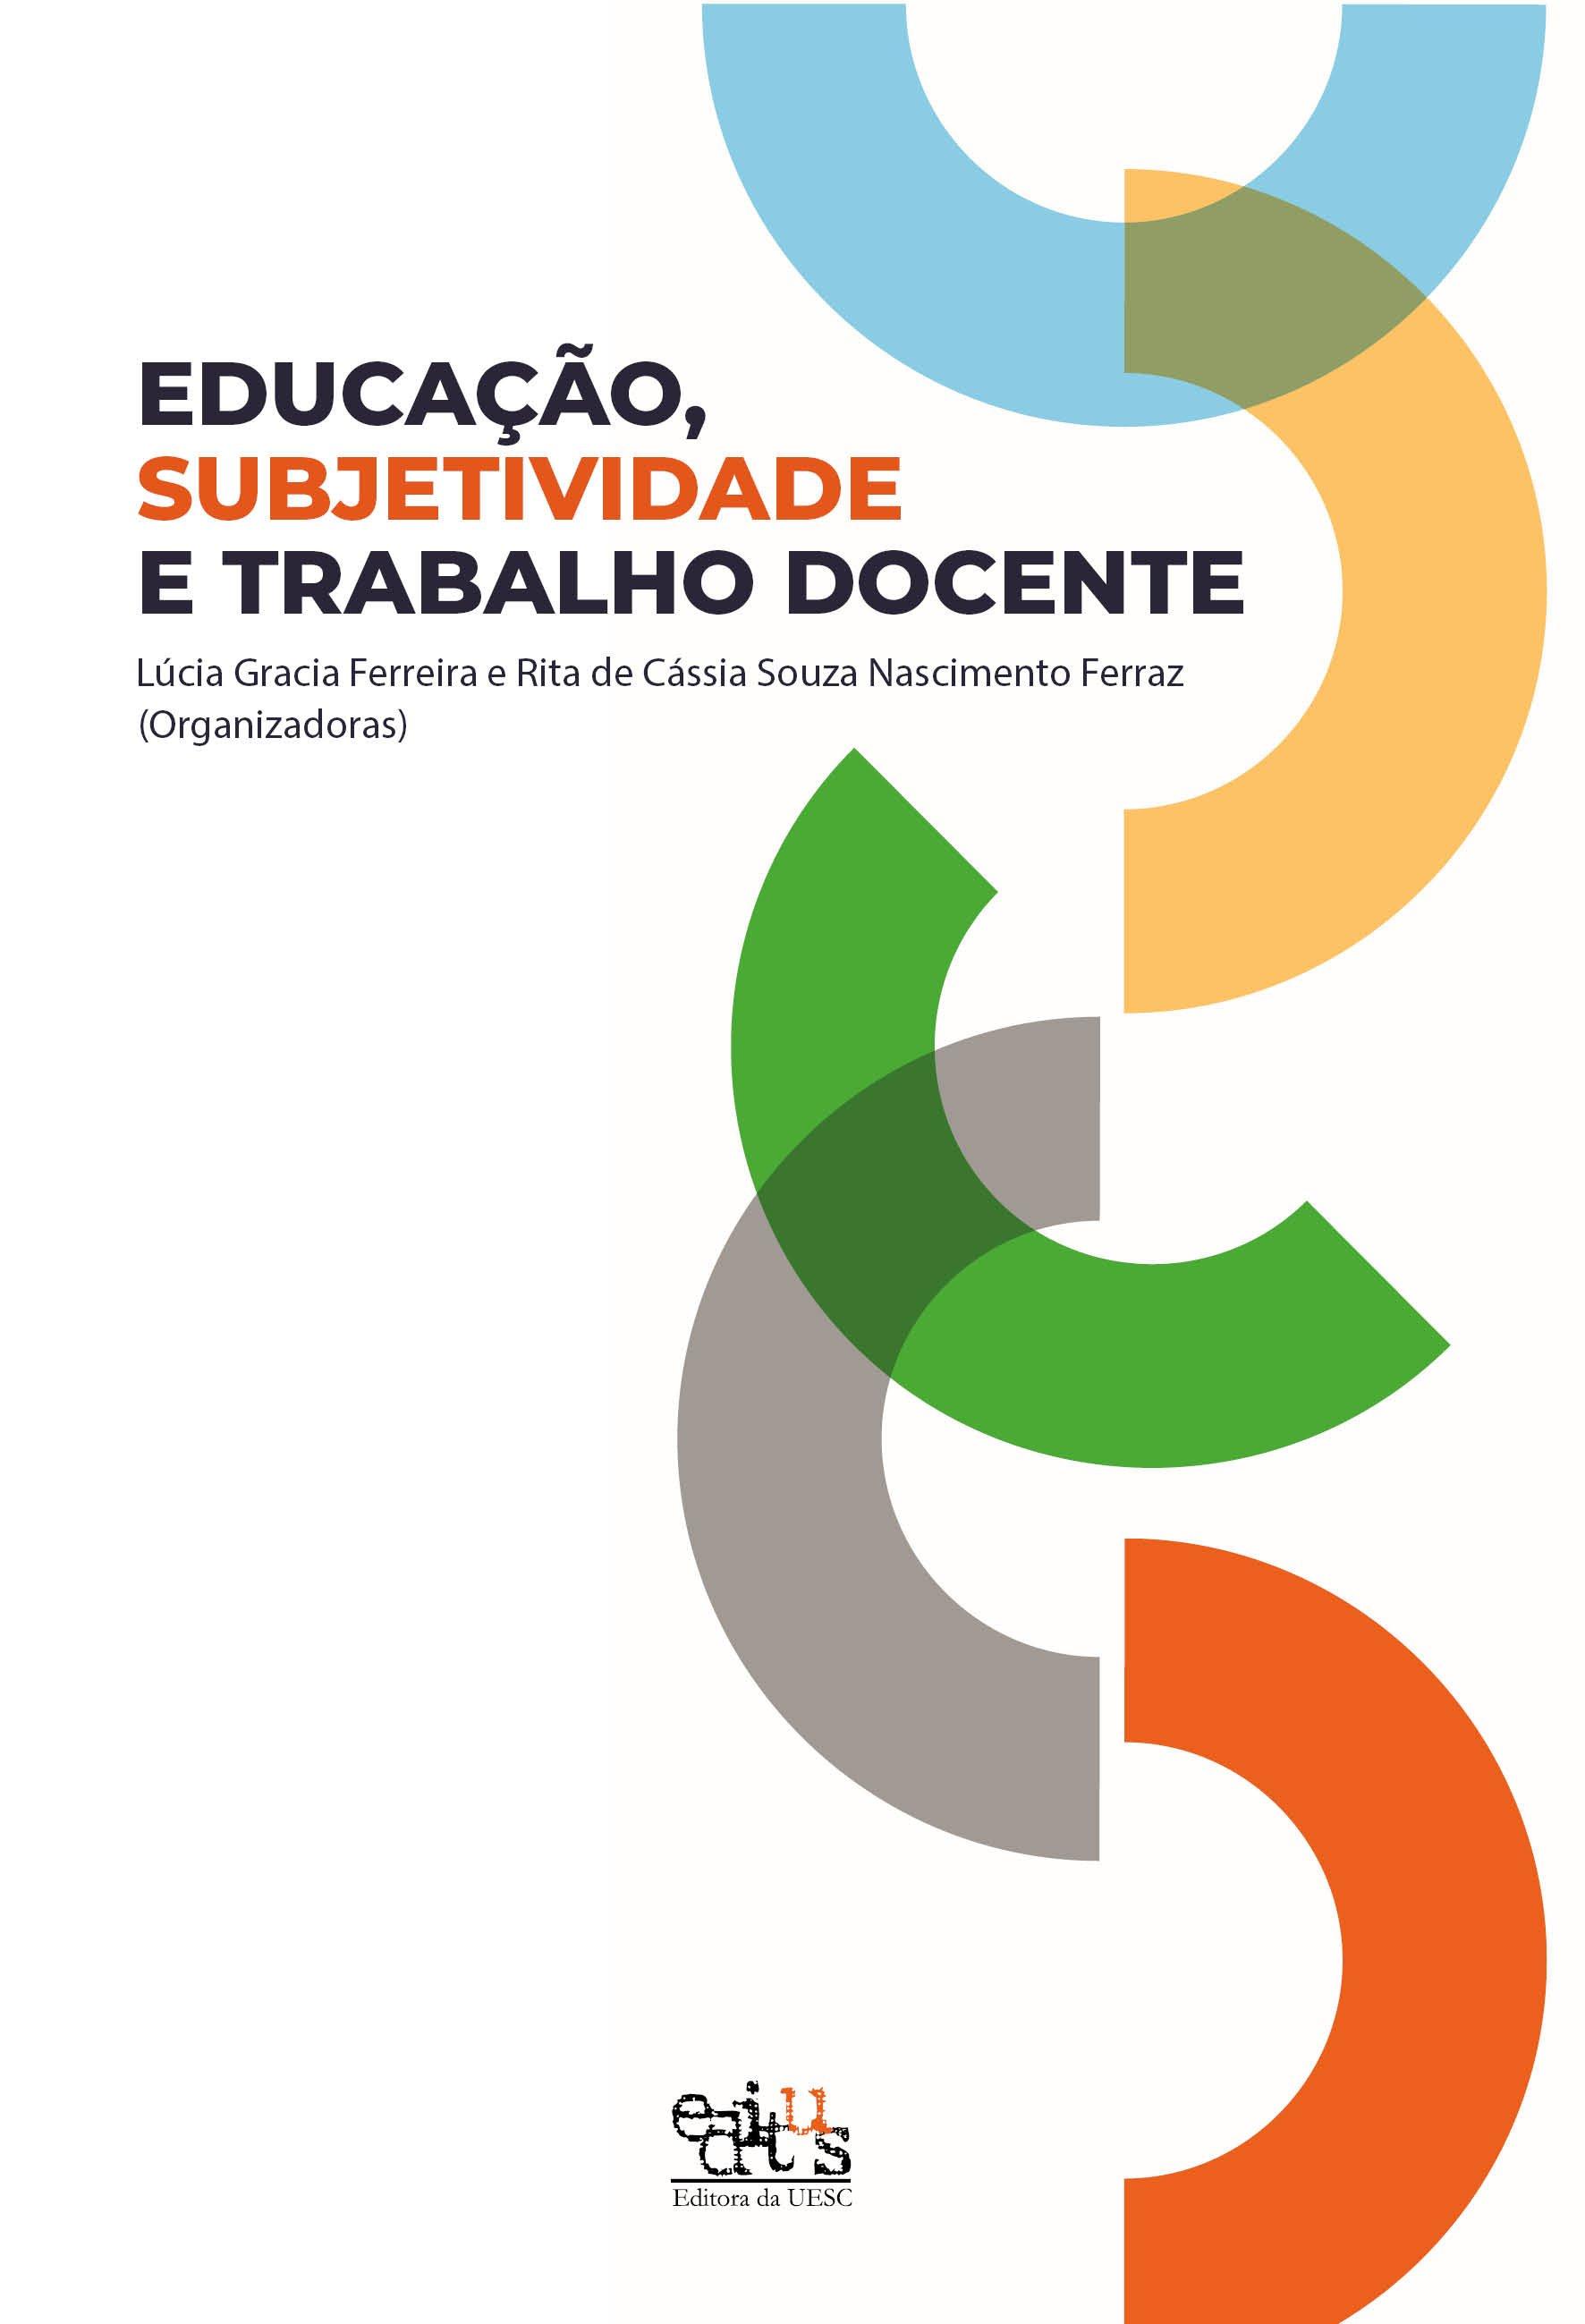 Educação, subjetividade e trabalho docente, livro de Lúcia Gracia Ferreira, Rita de Cássia Souza Nascimento Ferraz